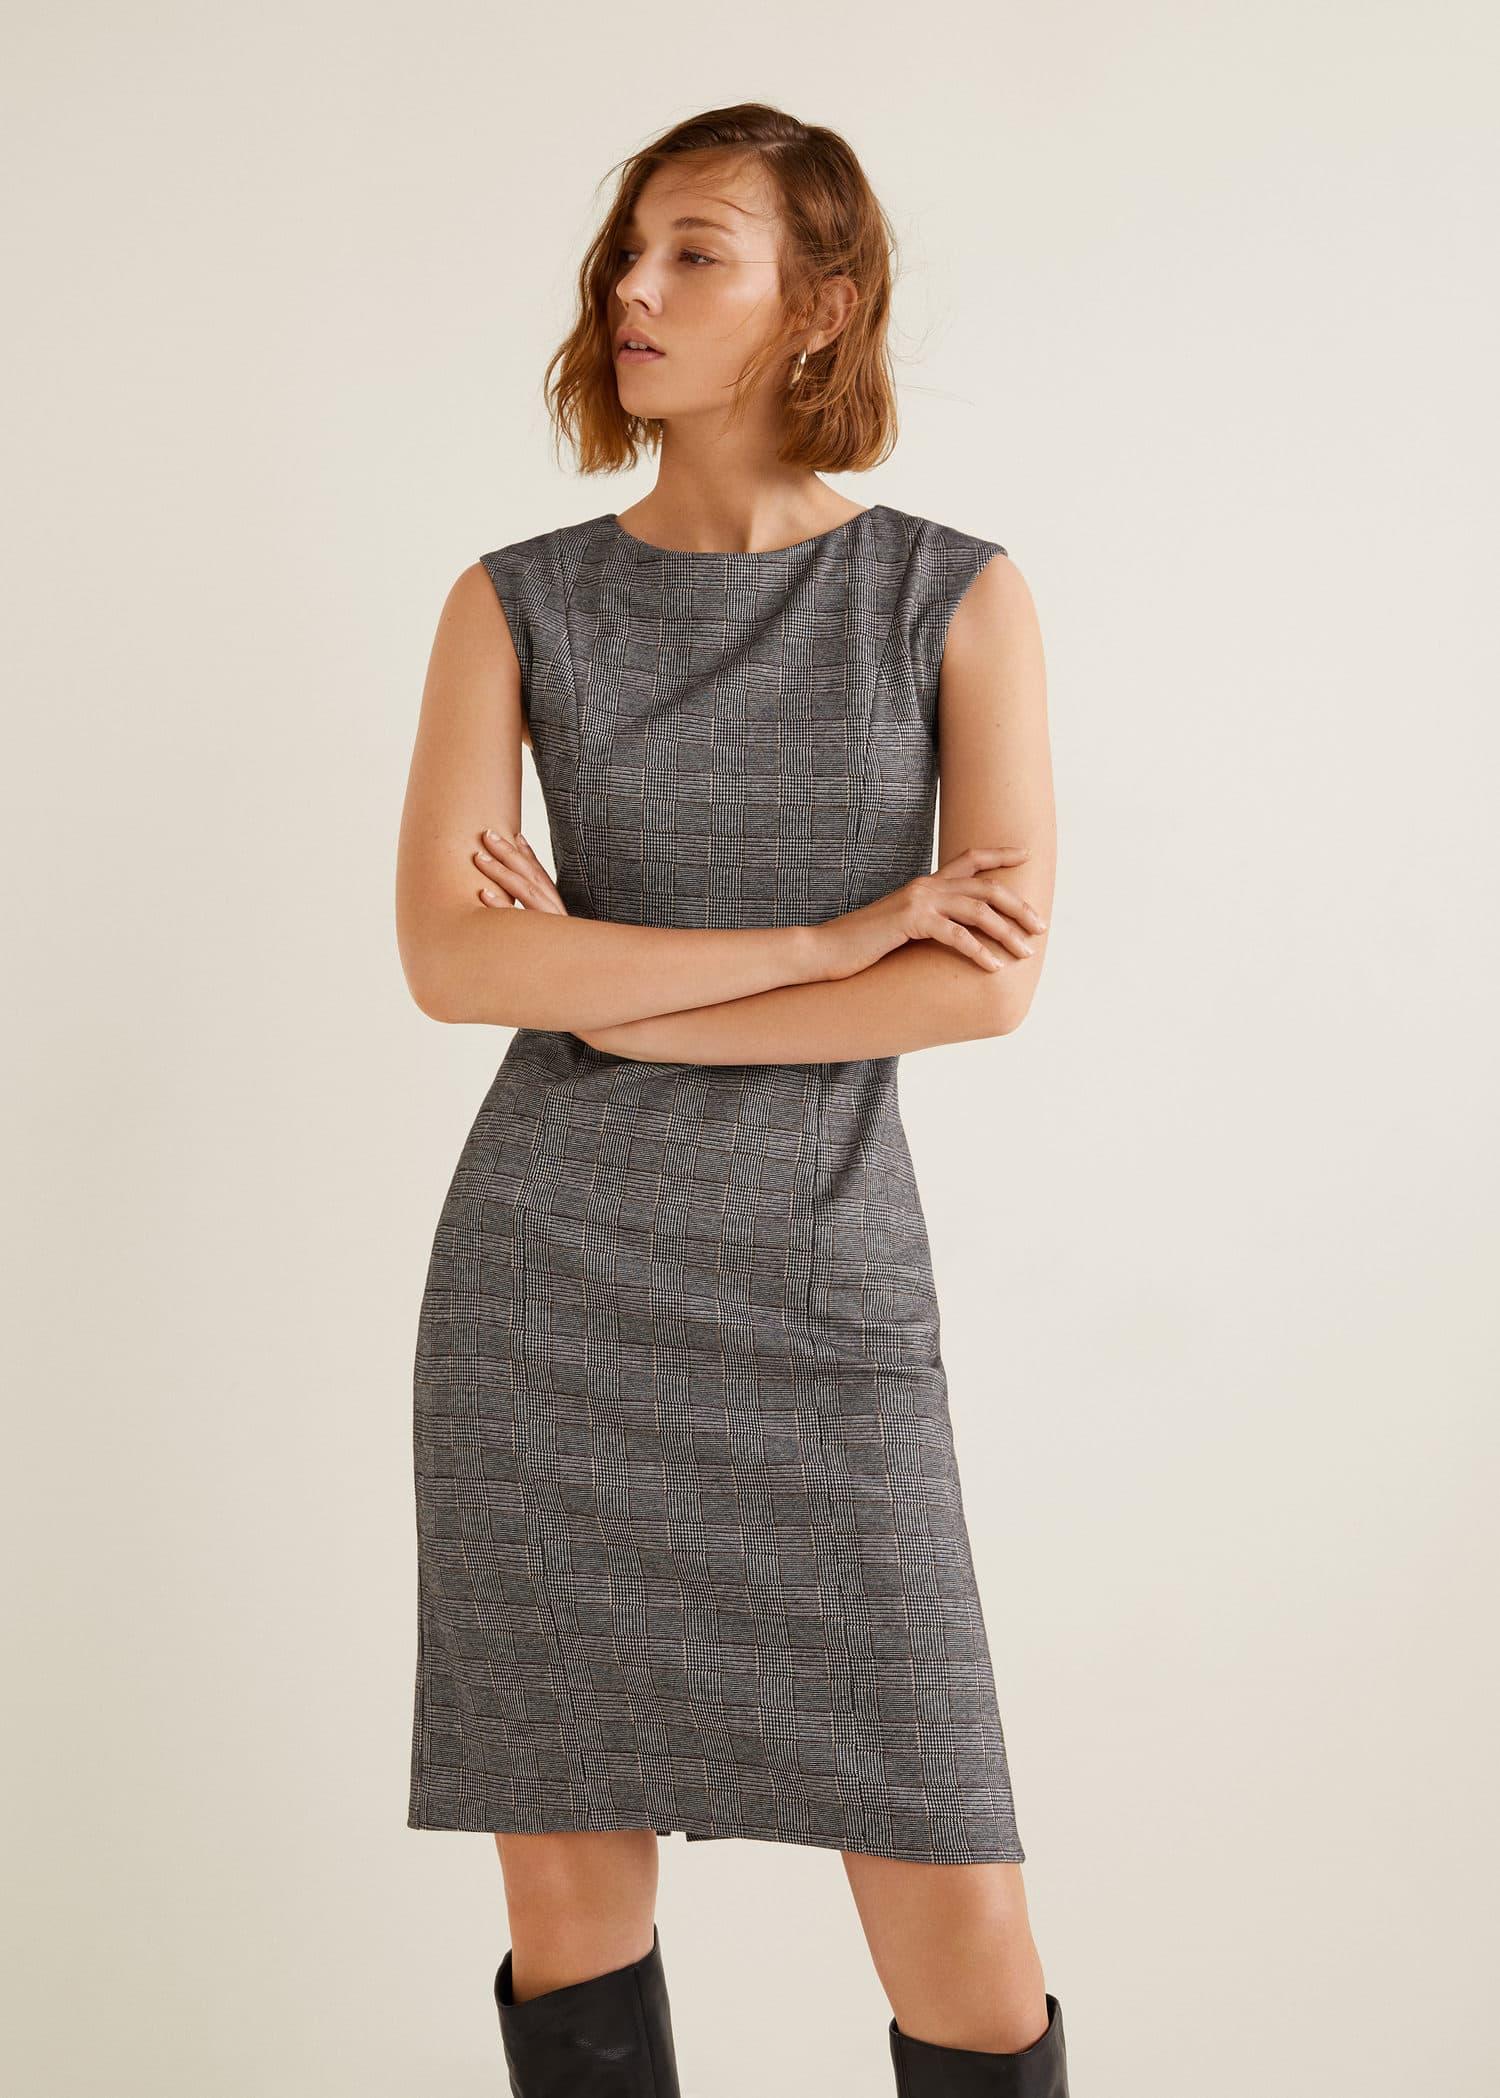 Check pattern midi dress - Woman   MANGO Bosnia-Herzegovina 6fc1dbfaebd7